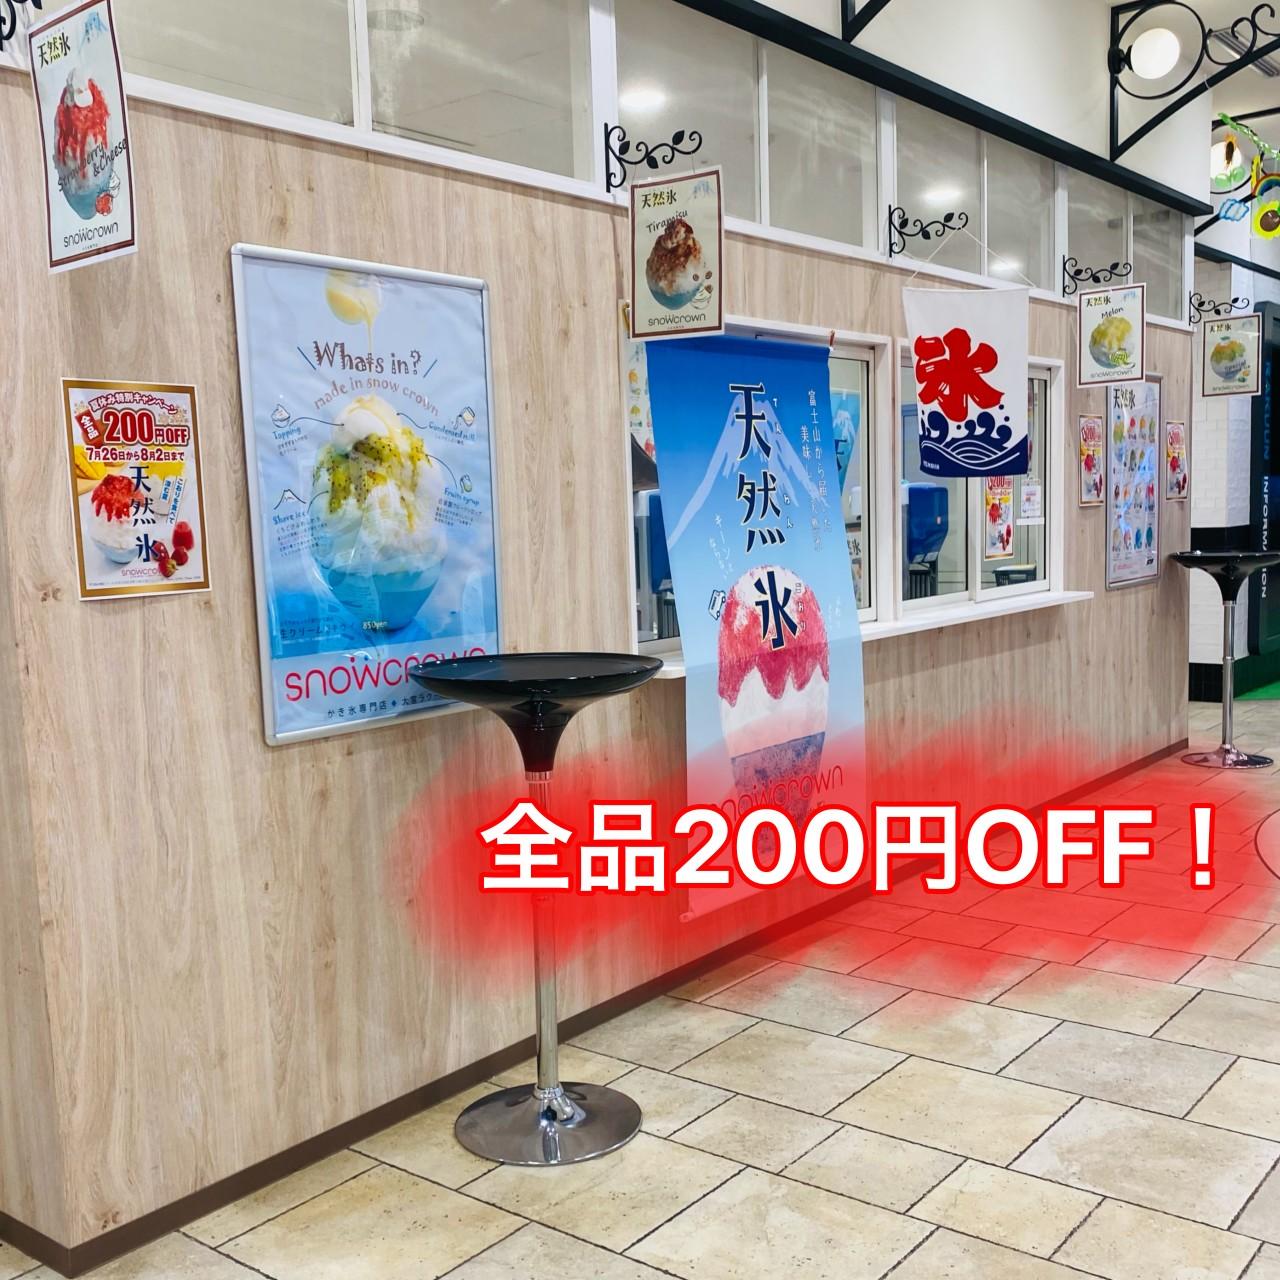 大宮ラクーンのかき氷専門店『スノークラウン』が2021年7月26日から8月2日まで全品200円OFF!